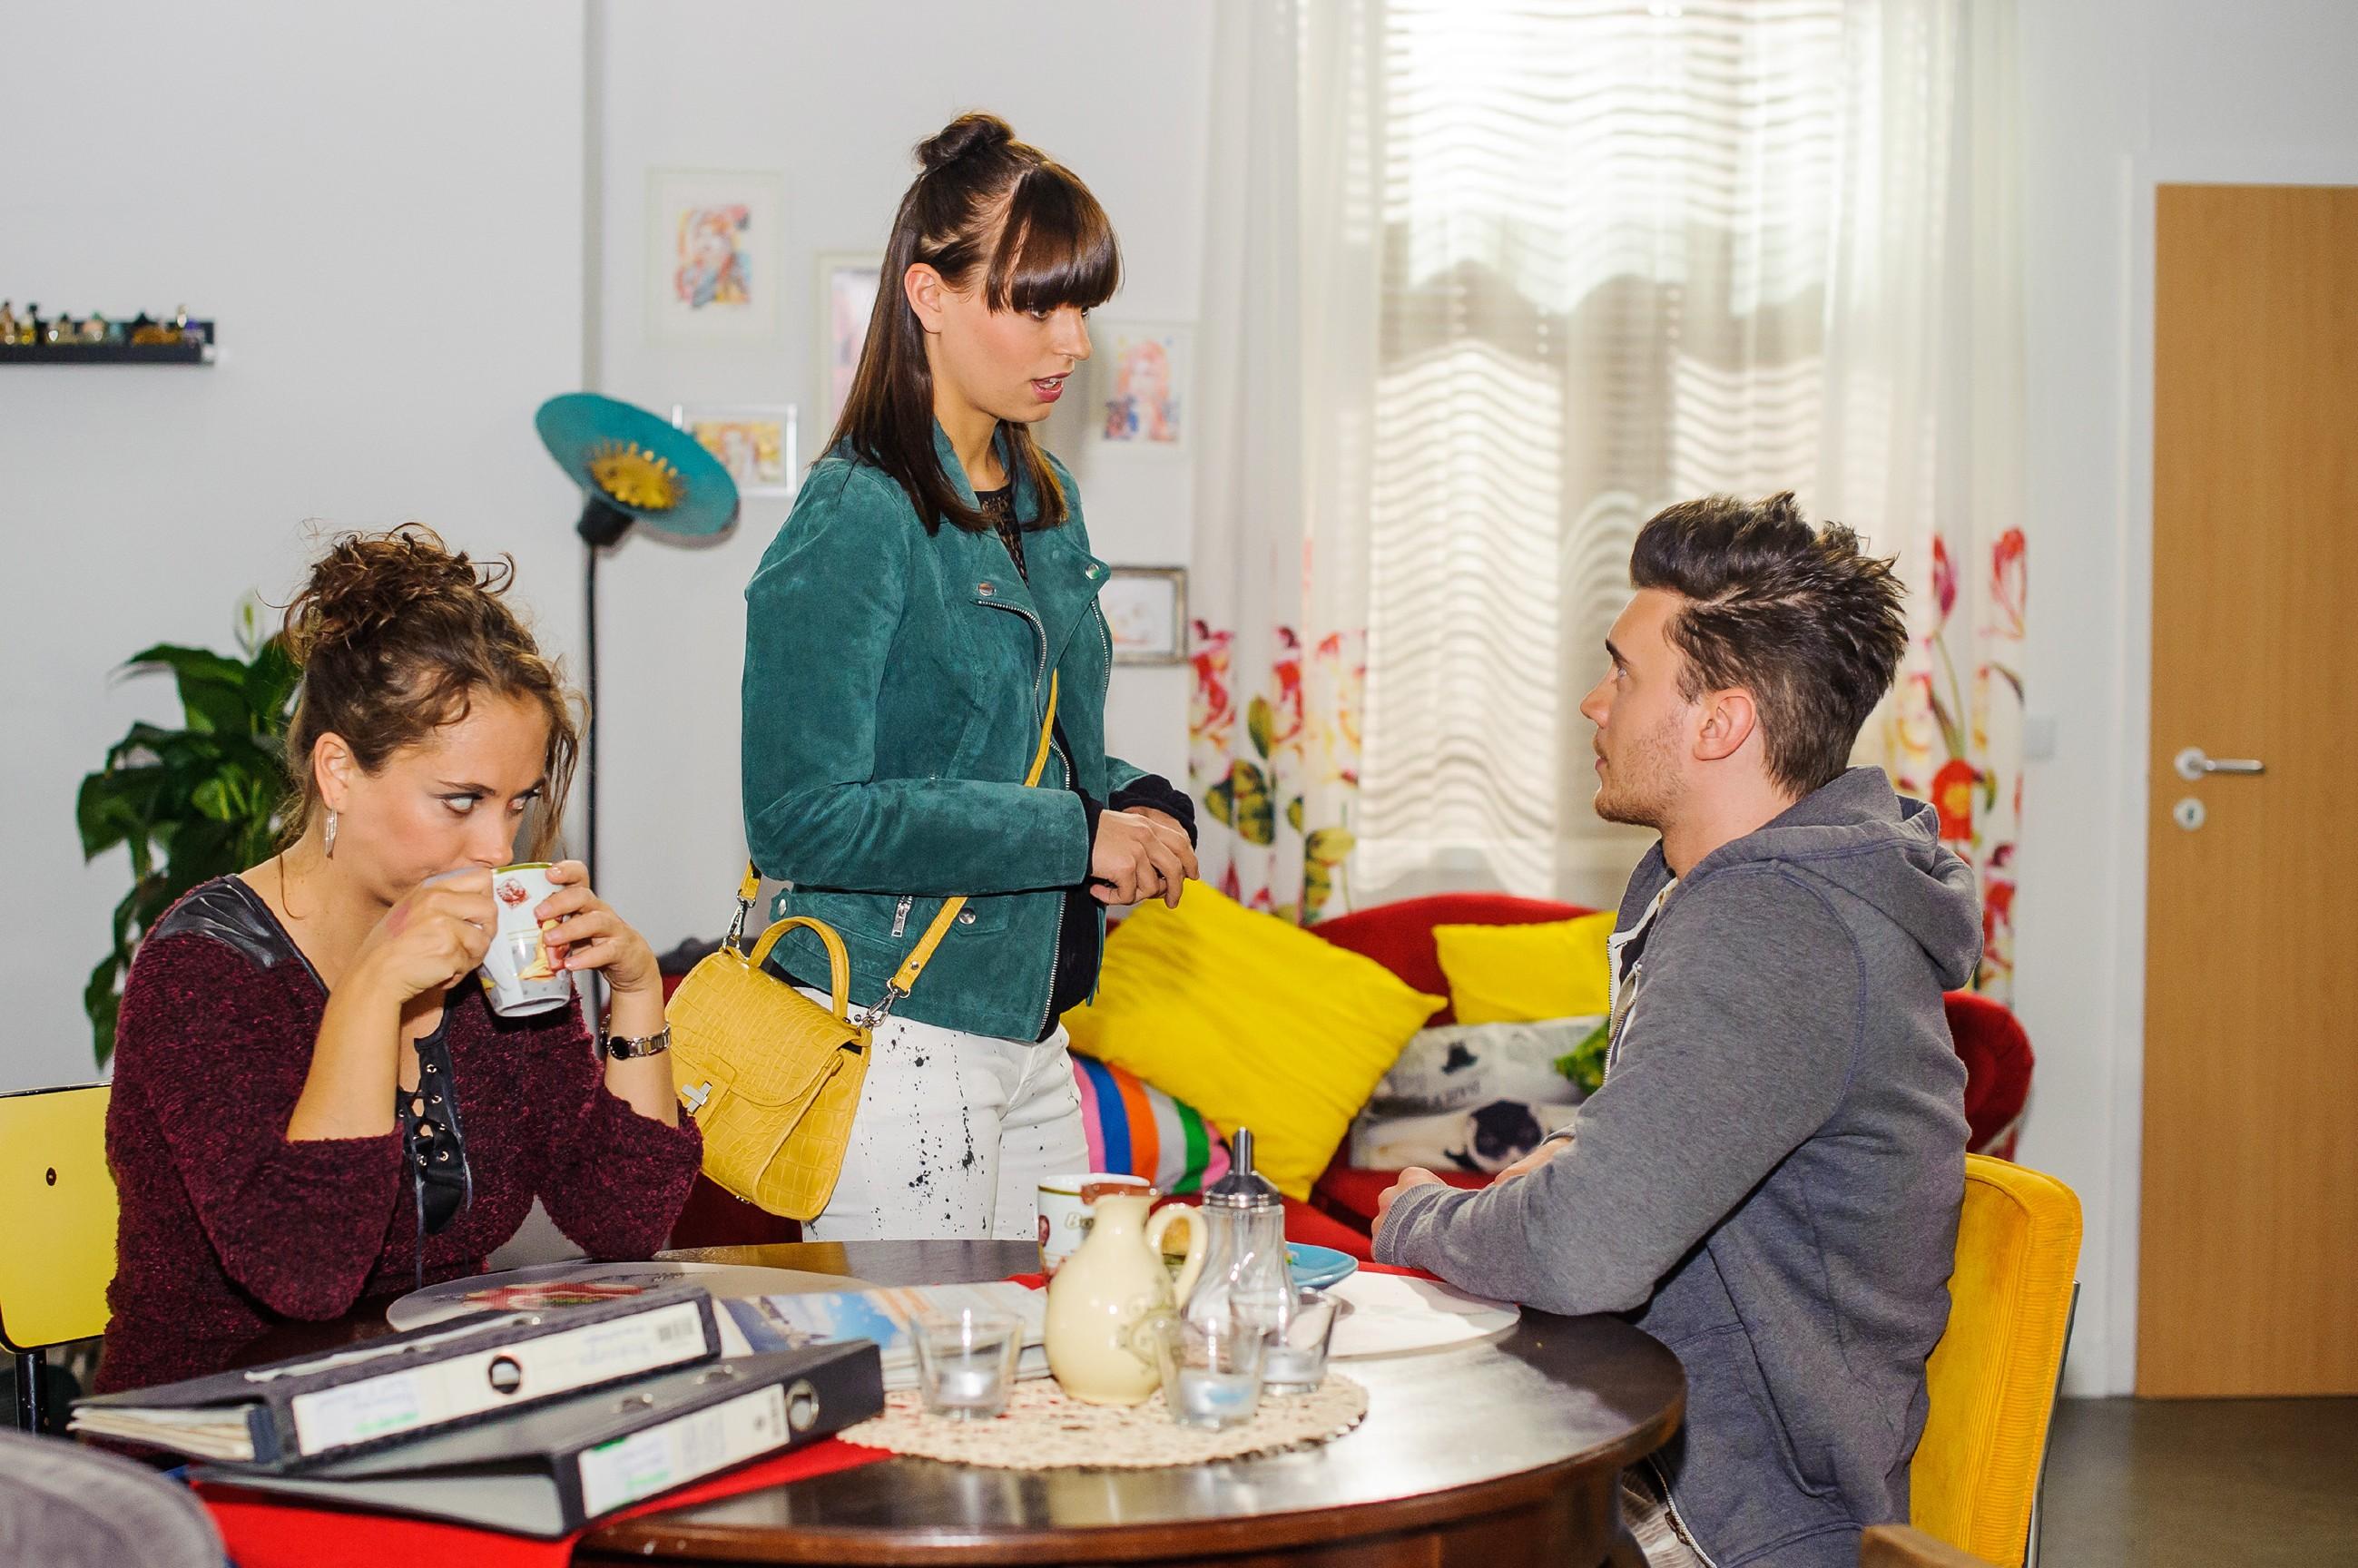 Ronny (Bela Klentze) nimmt es sportlich, als er im Beisein von Carmen (Heike Warmuth, l.) erneut eine Abfuhr von Michelle (Franziska Benz) kassiert. (Quelle: RTL / Julia Feldhagen)